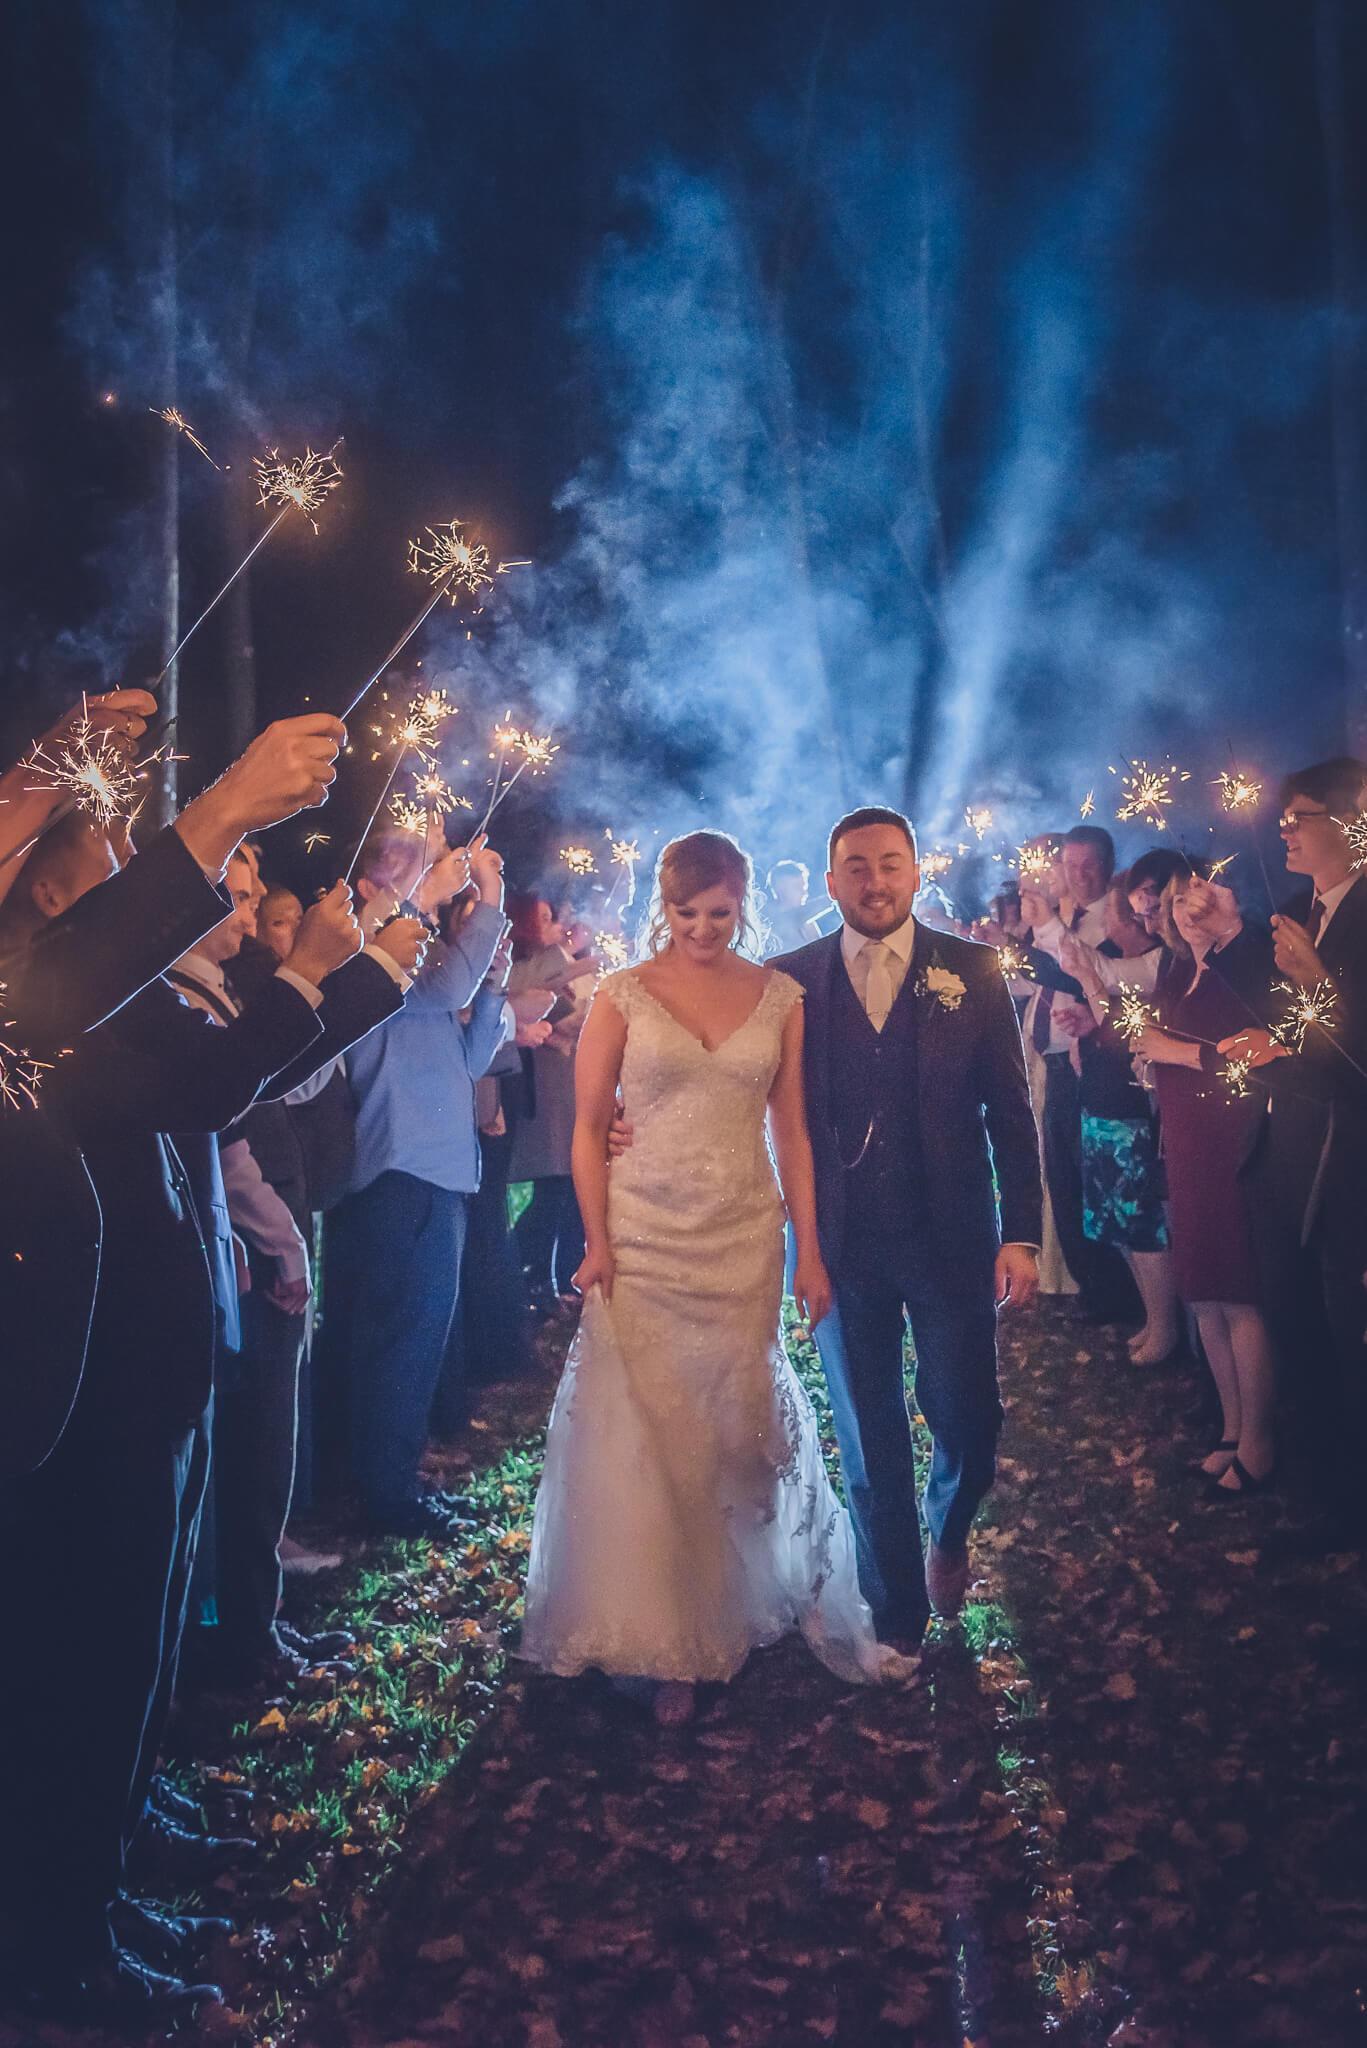 Wedding cake photo by Ryan Hewett Photography